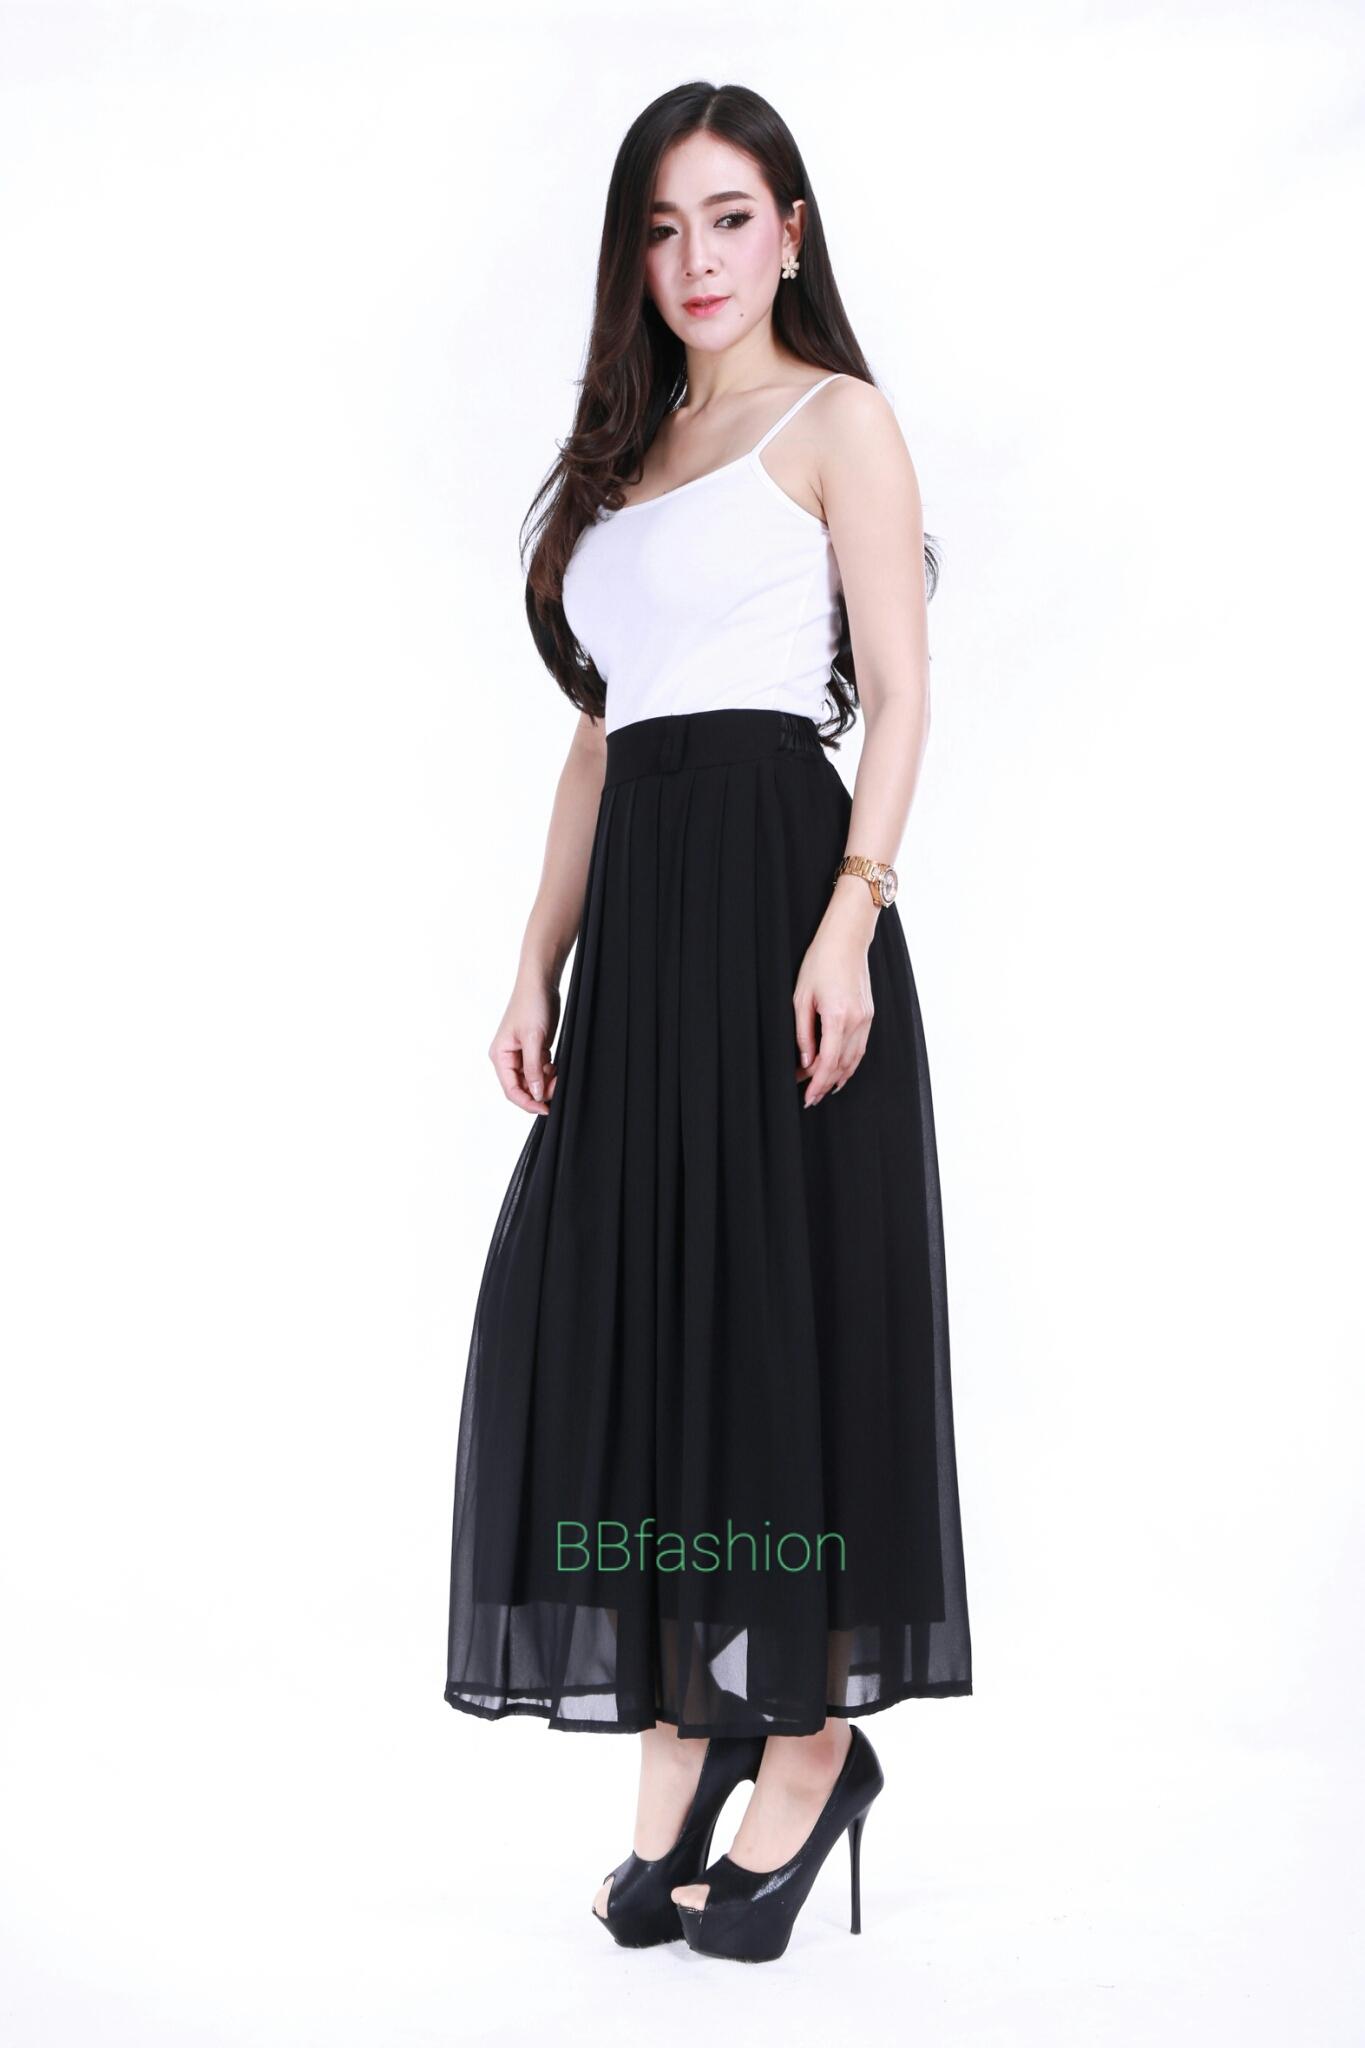 กระโปรงชีฟอง ยาว ทวิชหน้า (ไม่มีกระเป๋า) ขนาด Free size สีดำ ส่งฟรี!!